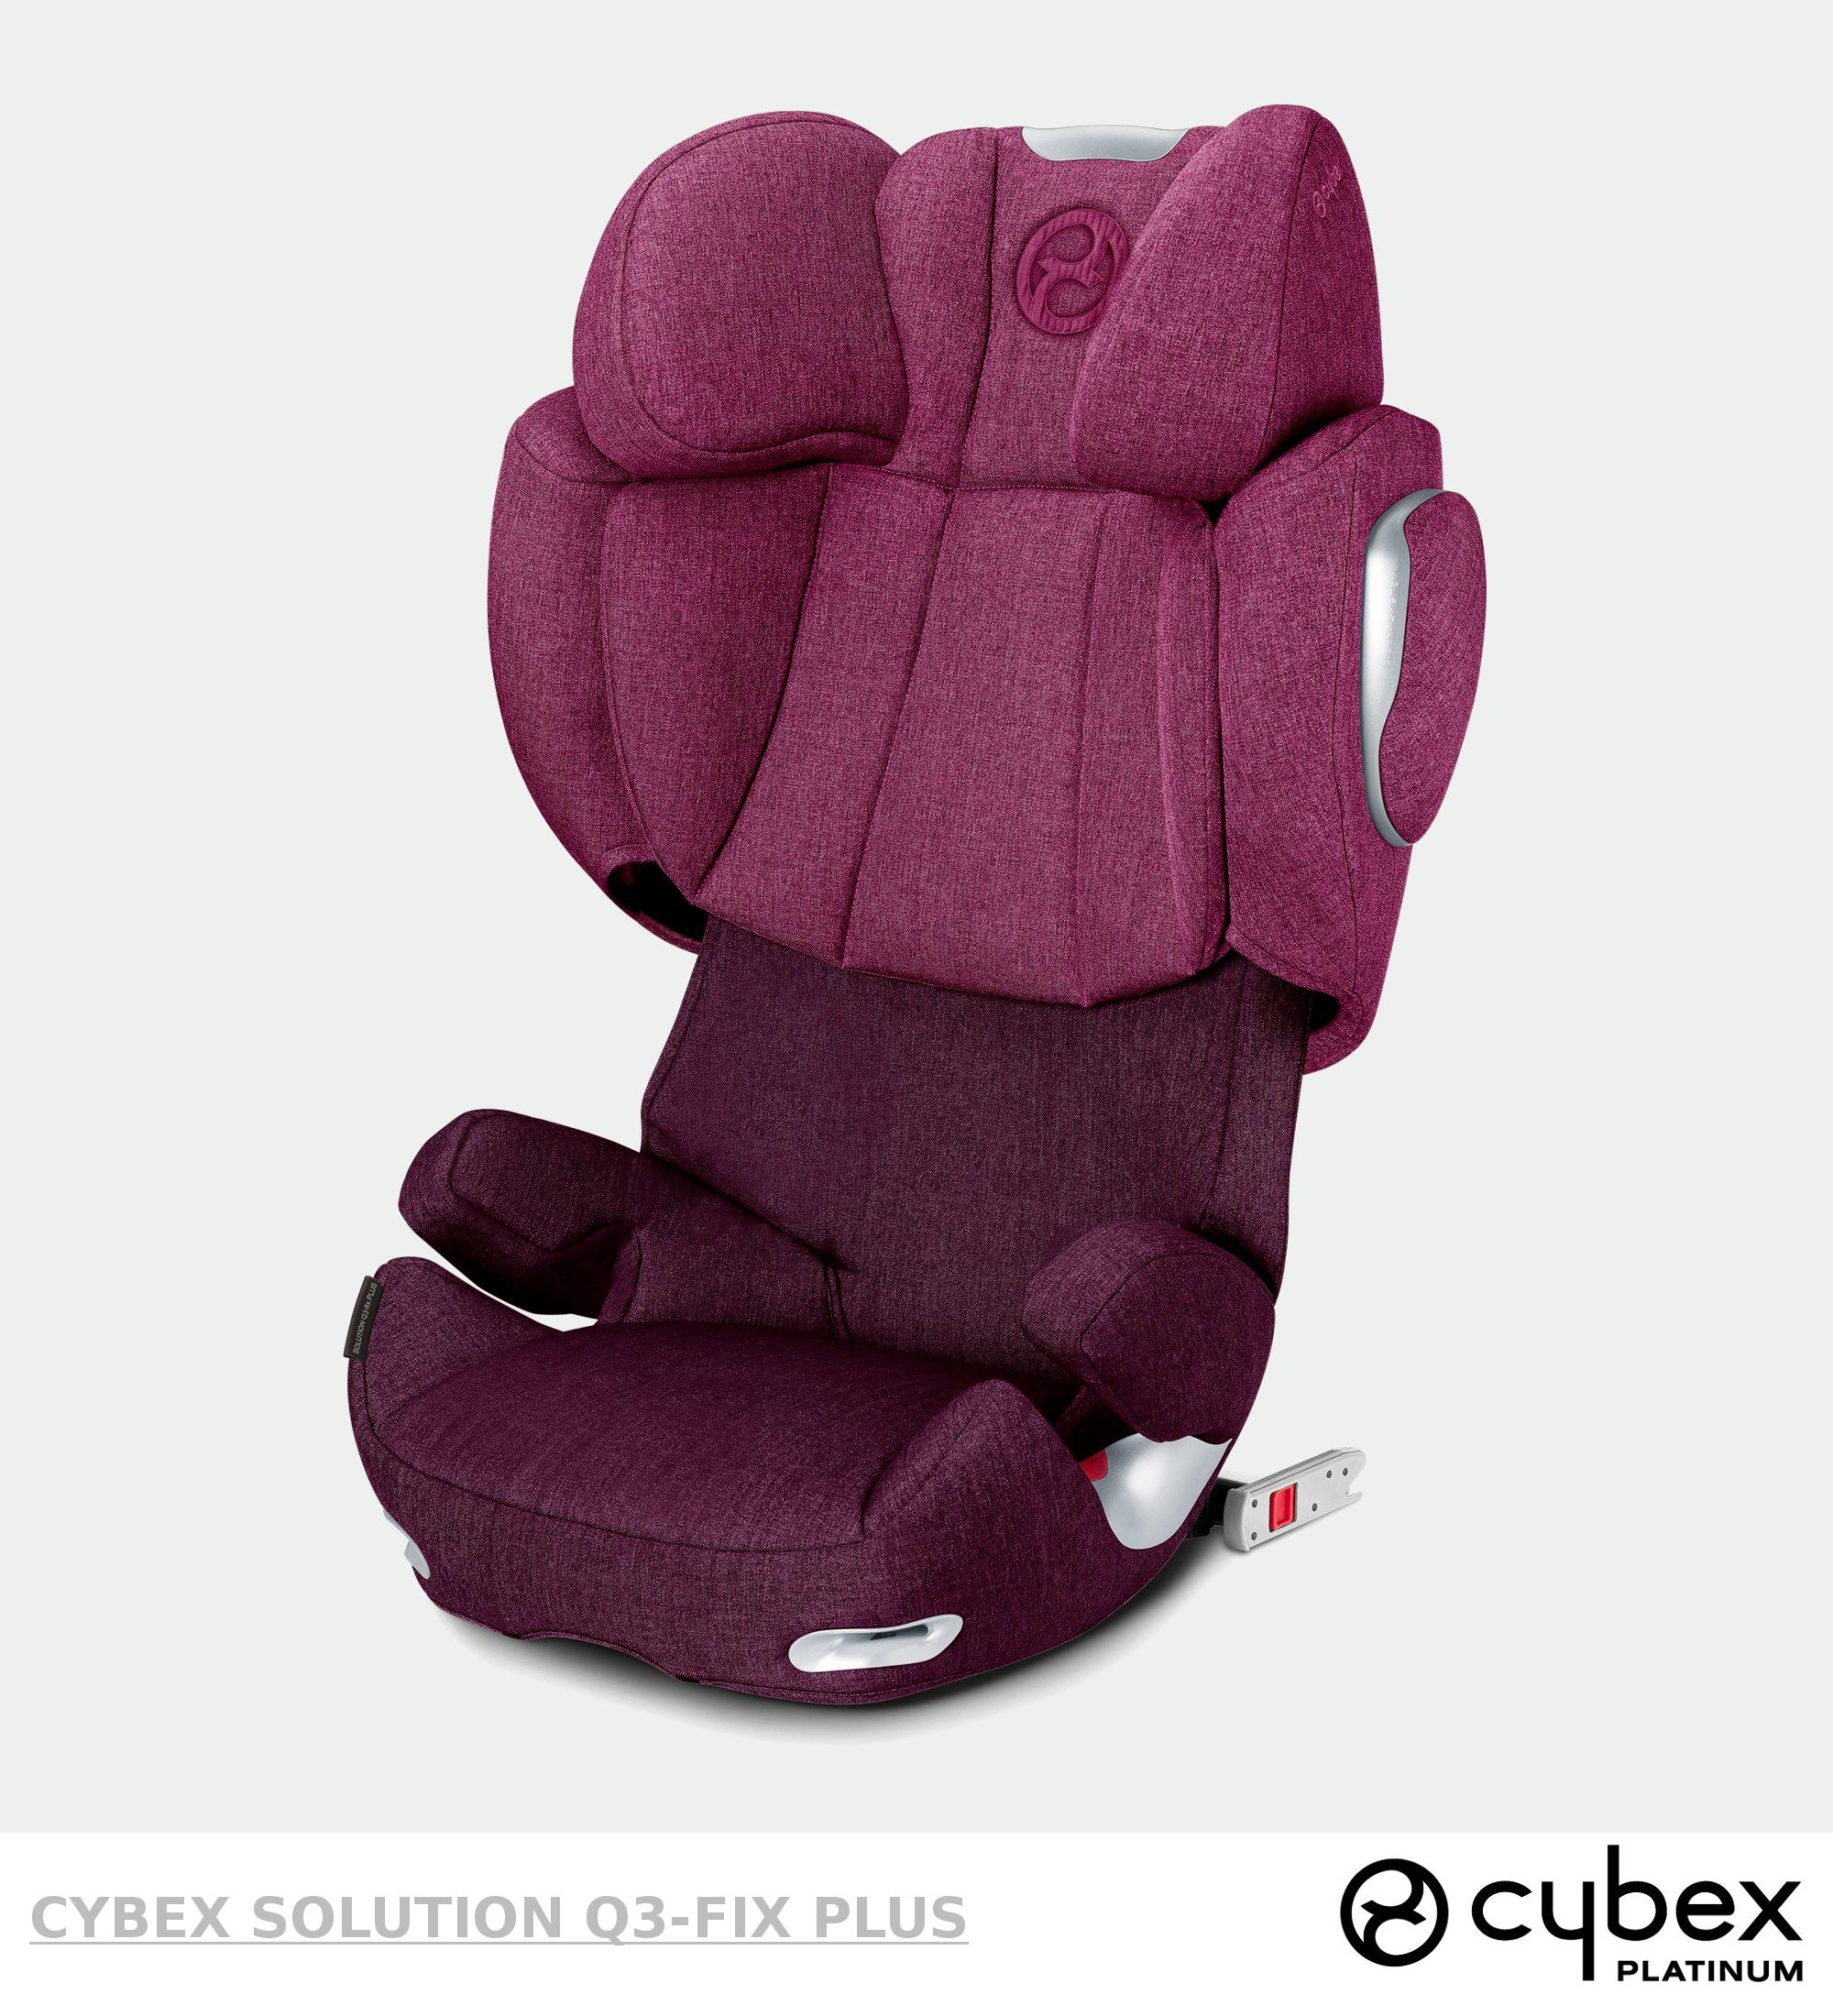 cybex q3 fix